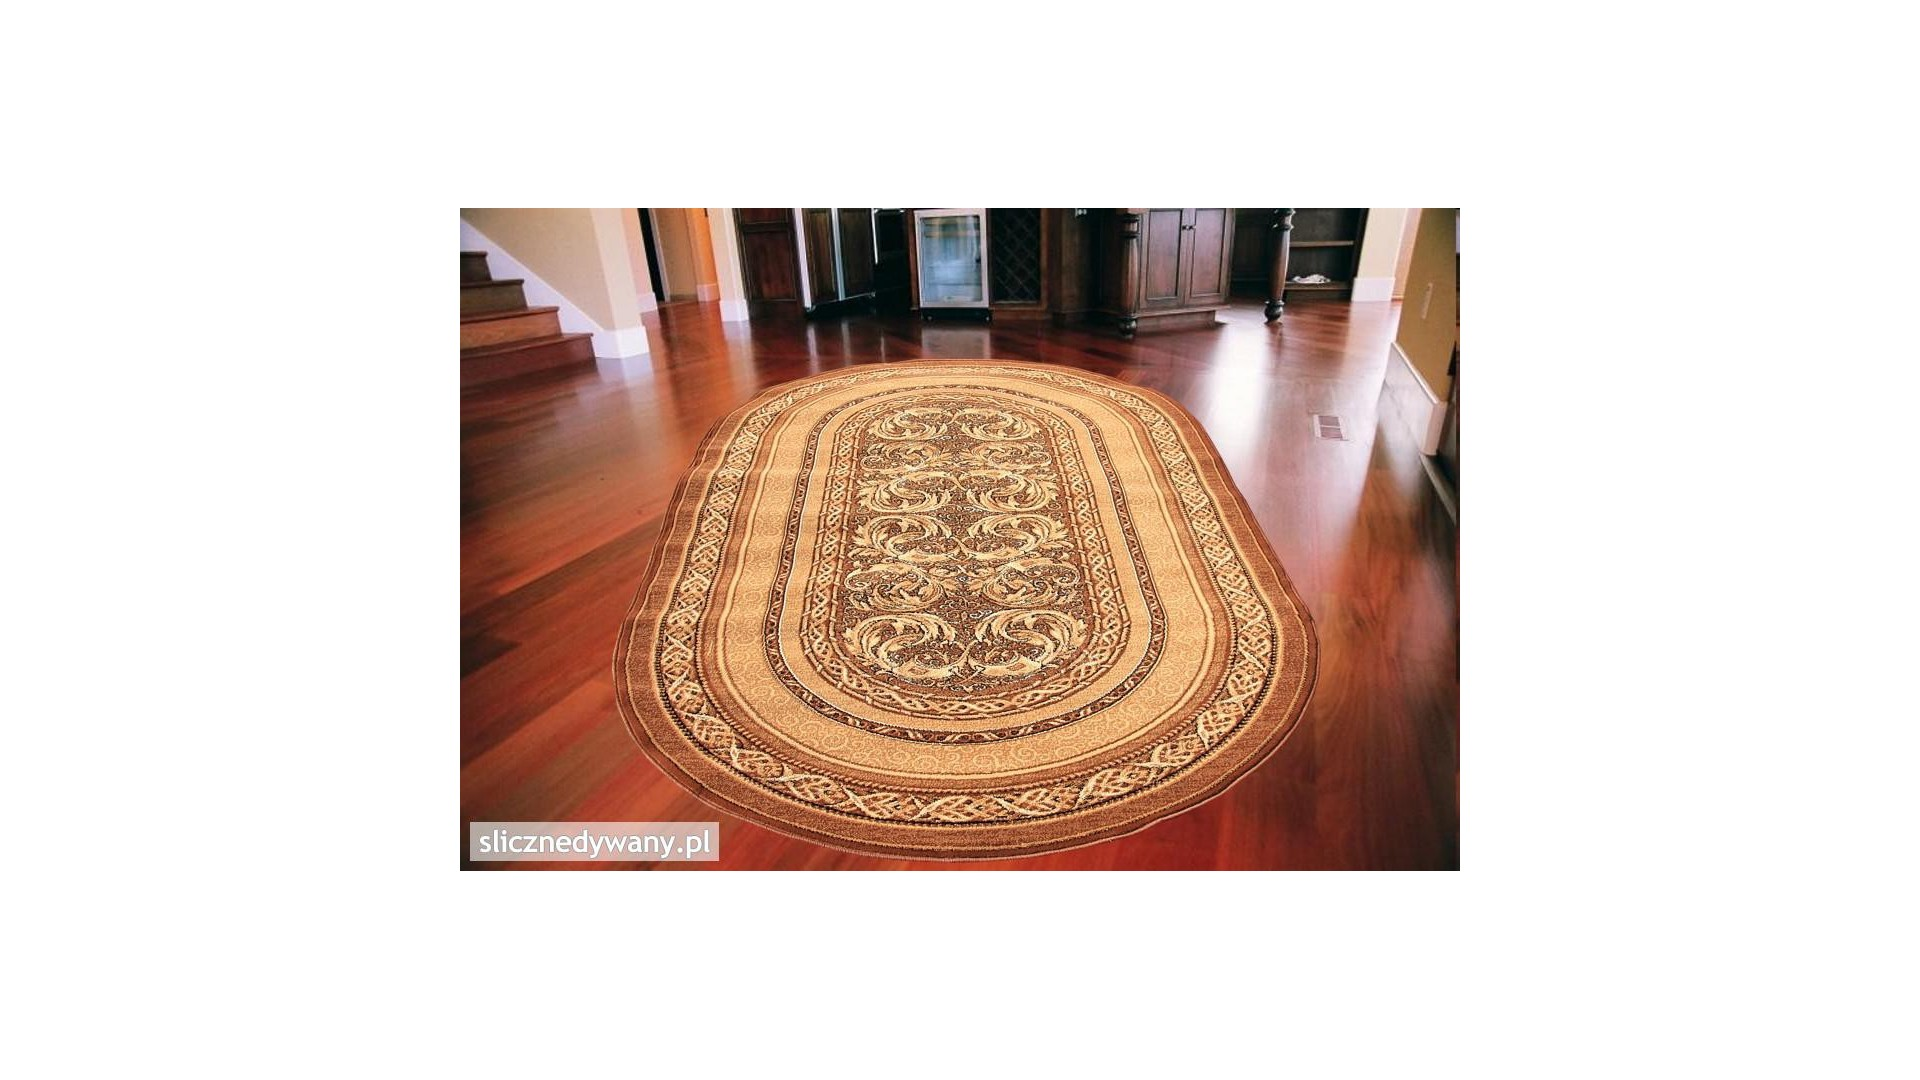 Modny, klasyczny dywan do salonu.